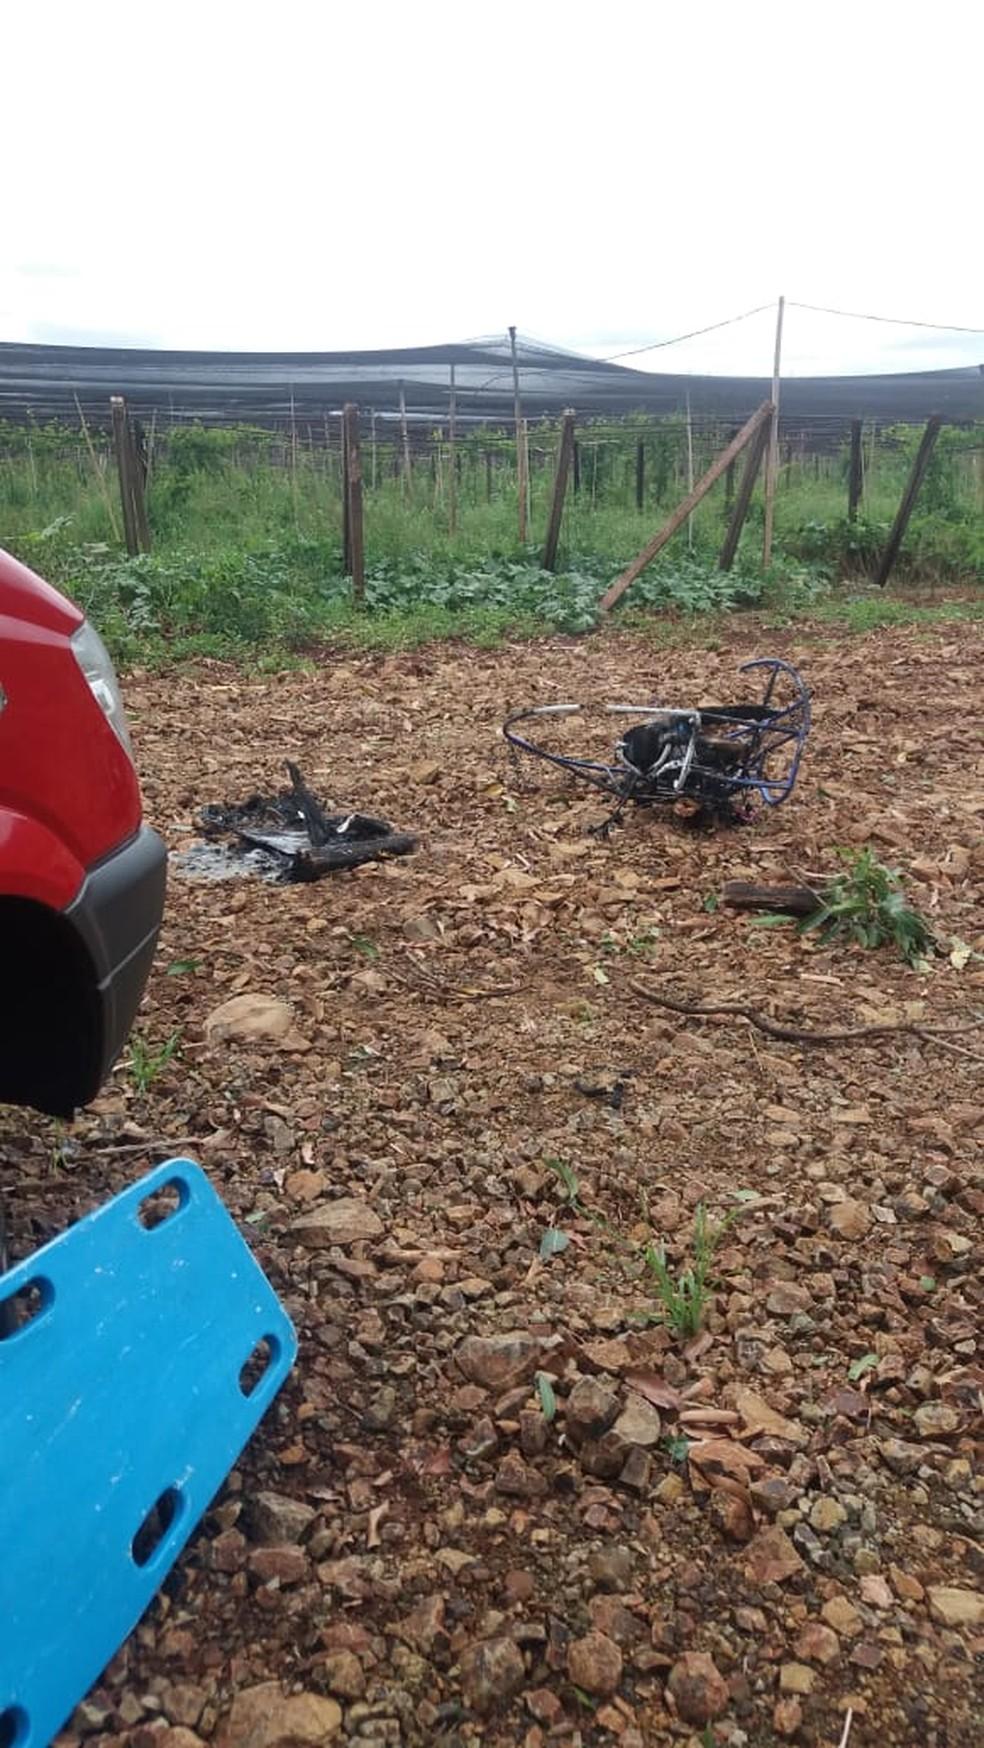 Paramotor bateu em fios de alta tensão, pegou fogo e piloto sofreu queimaduras  — Foto: Defesa Civil de Marialva/Divulgação